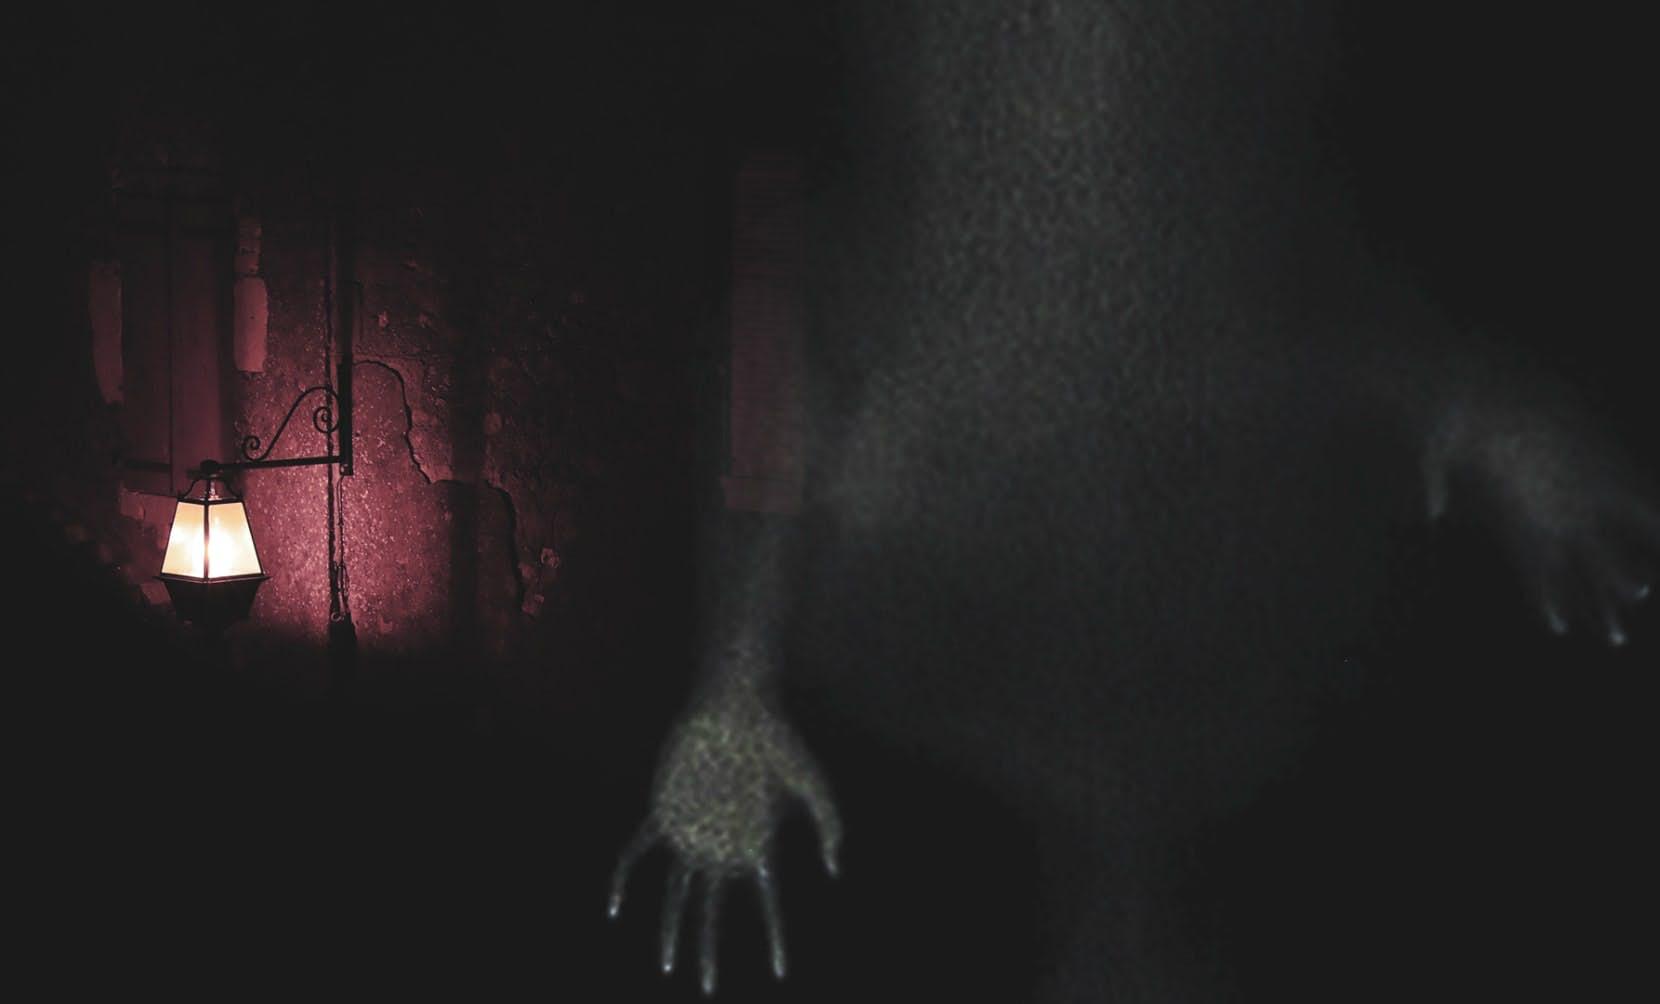 Clujul Bântuit: Povești de groază și fantome image